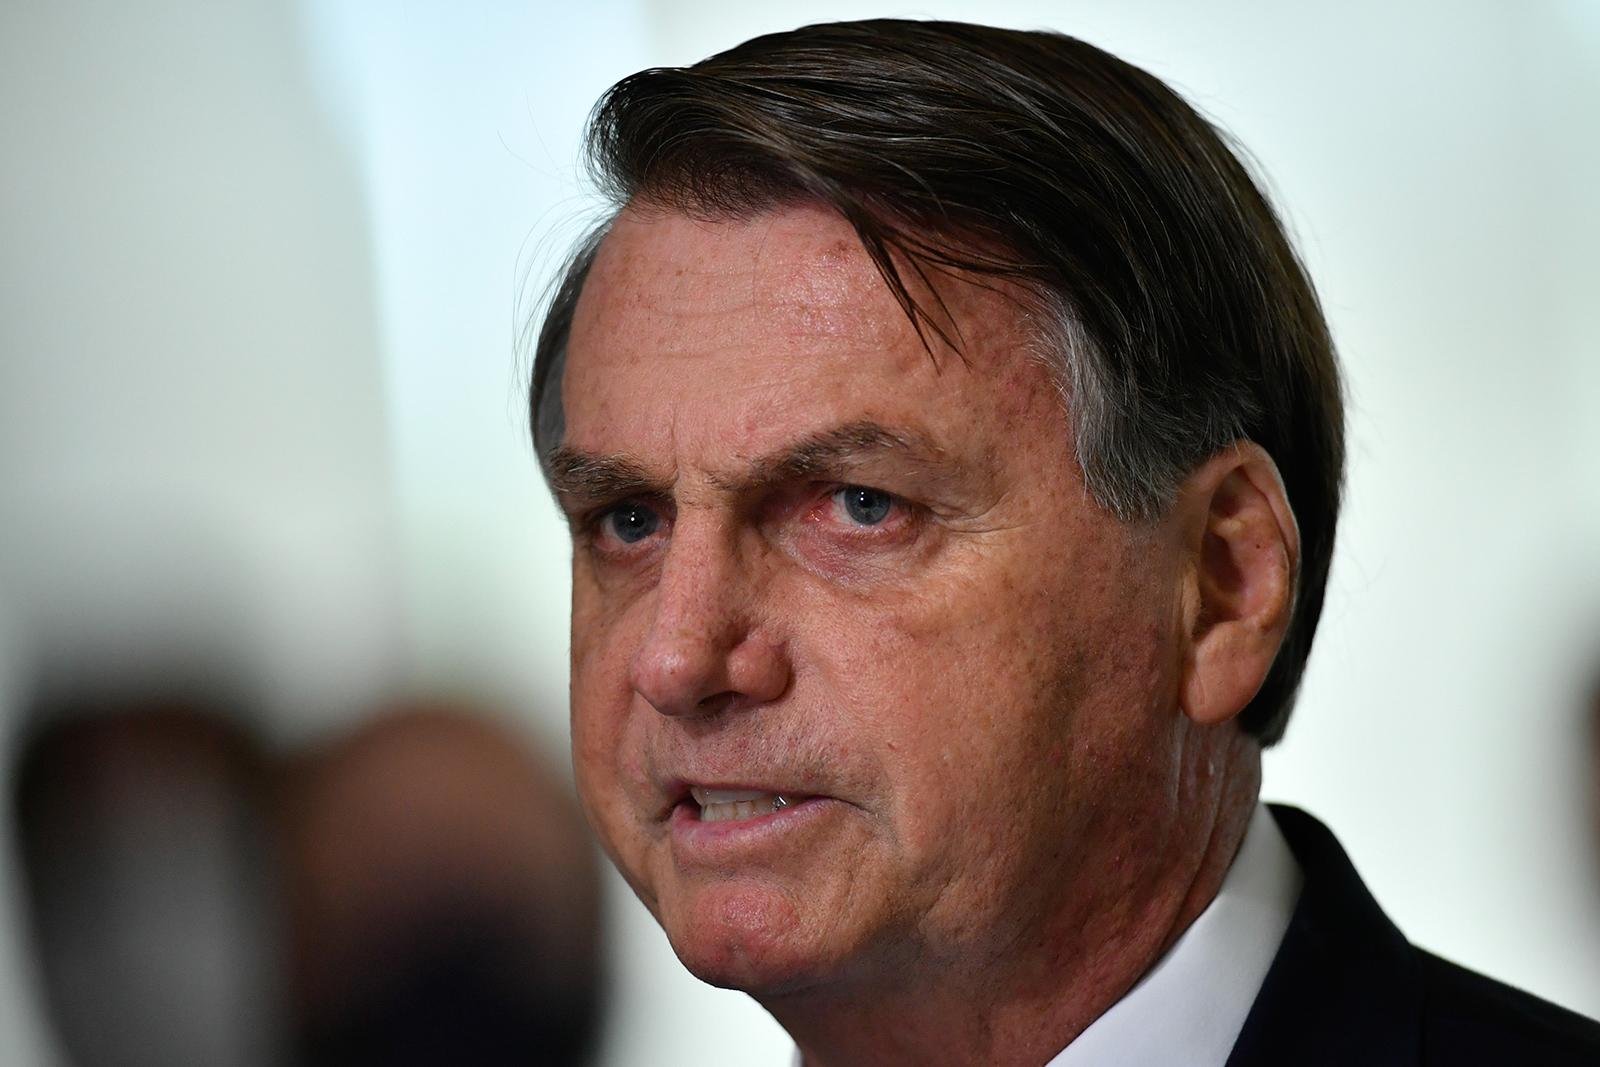 President of Brazil Jair Bolsonaro speaks at the Planalto Palace, in Brasilia, Brazil, on March 31.